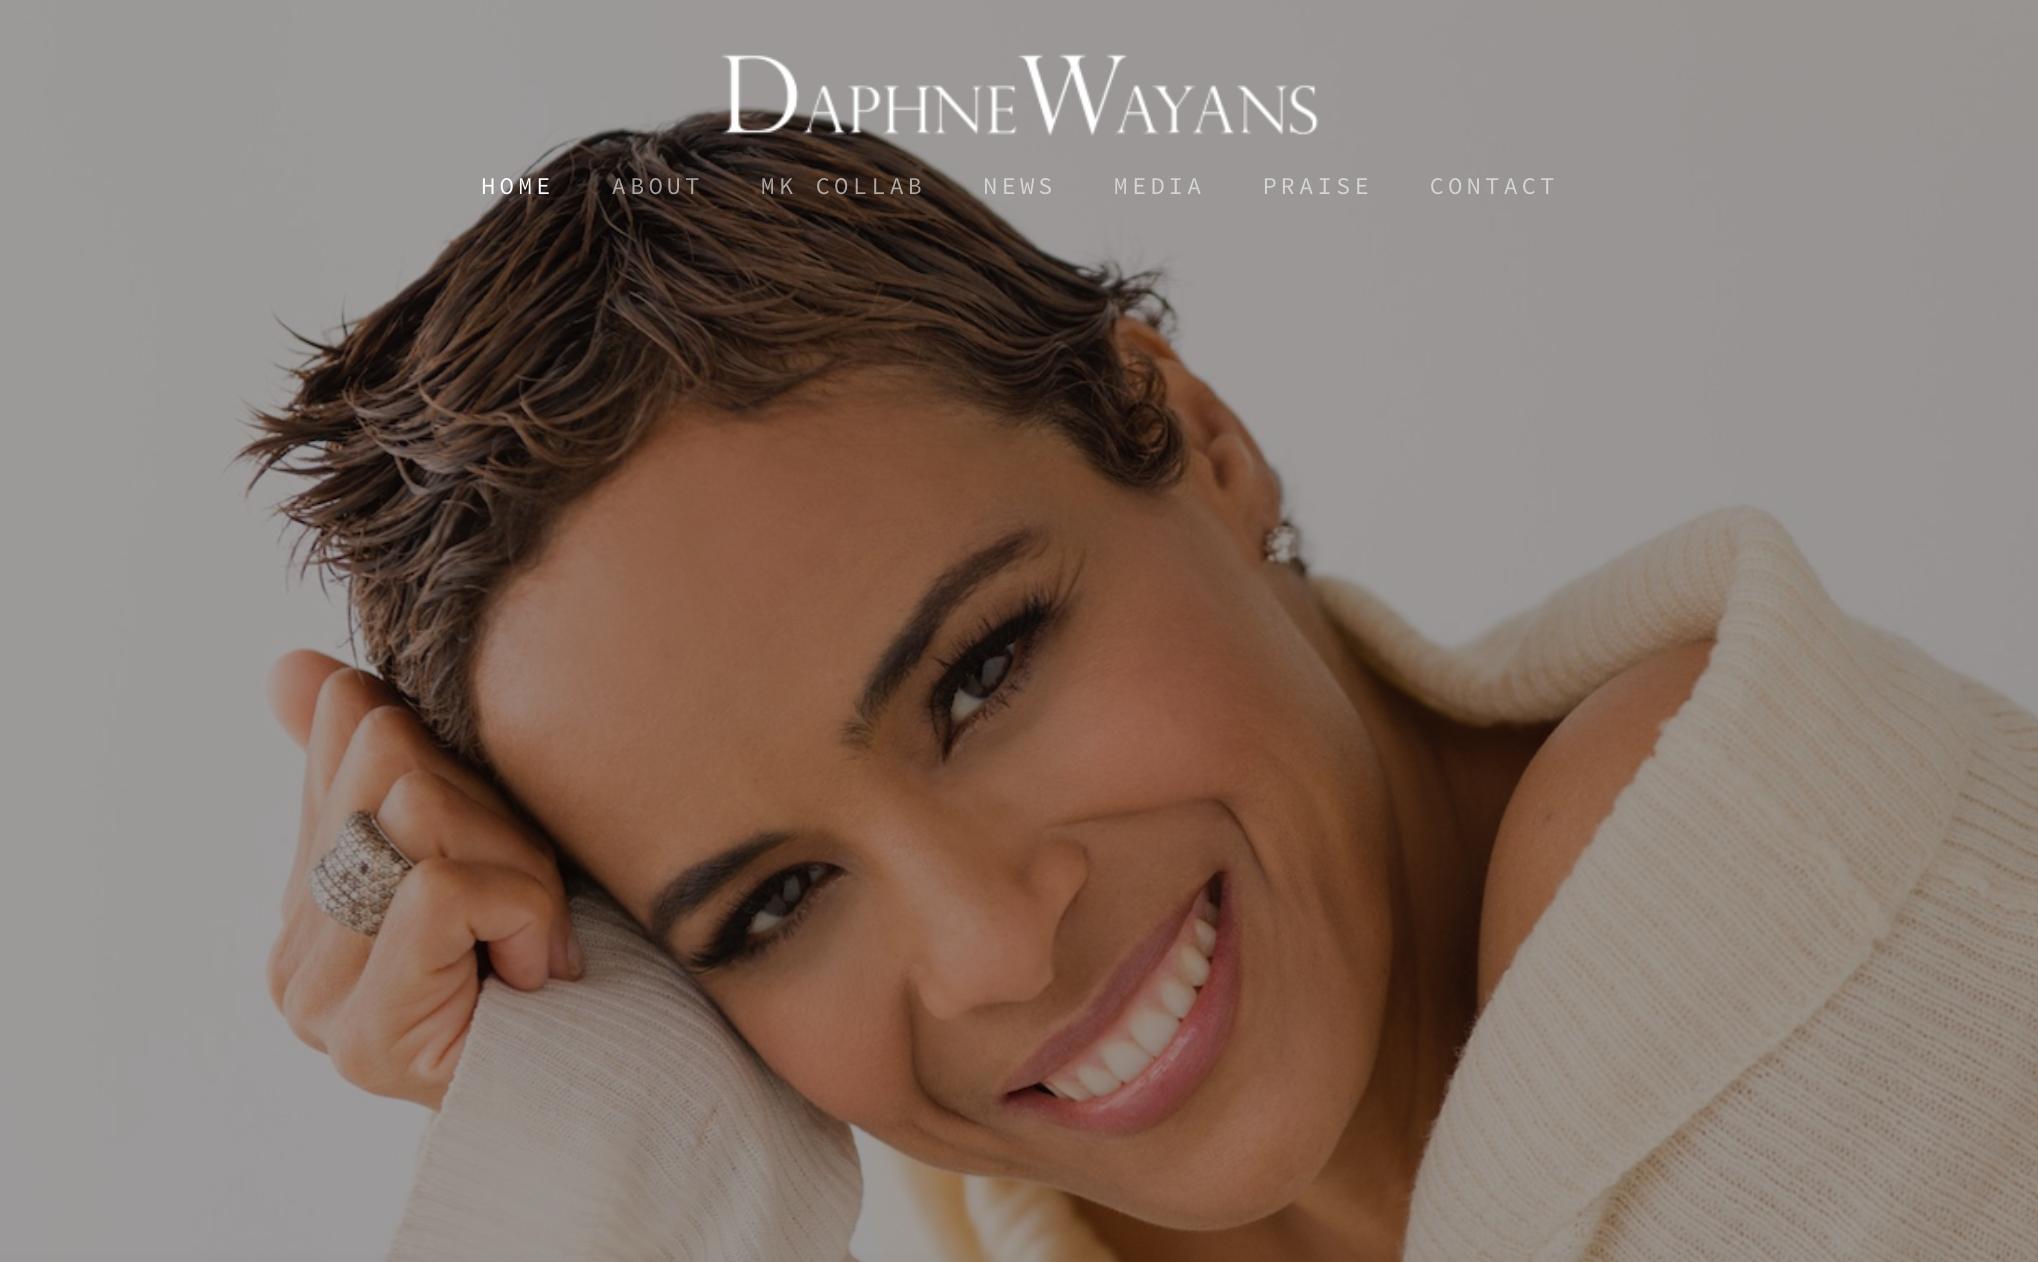 Daphne Wayans